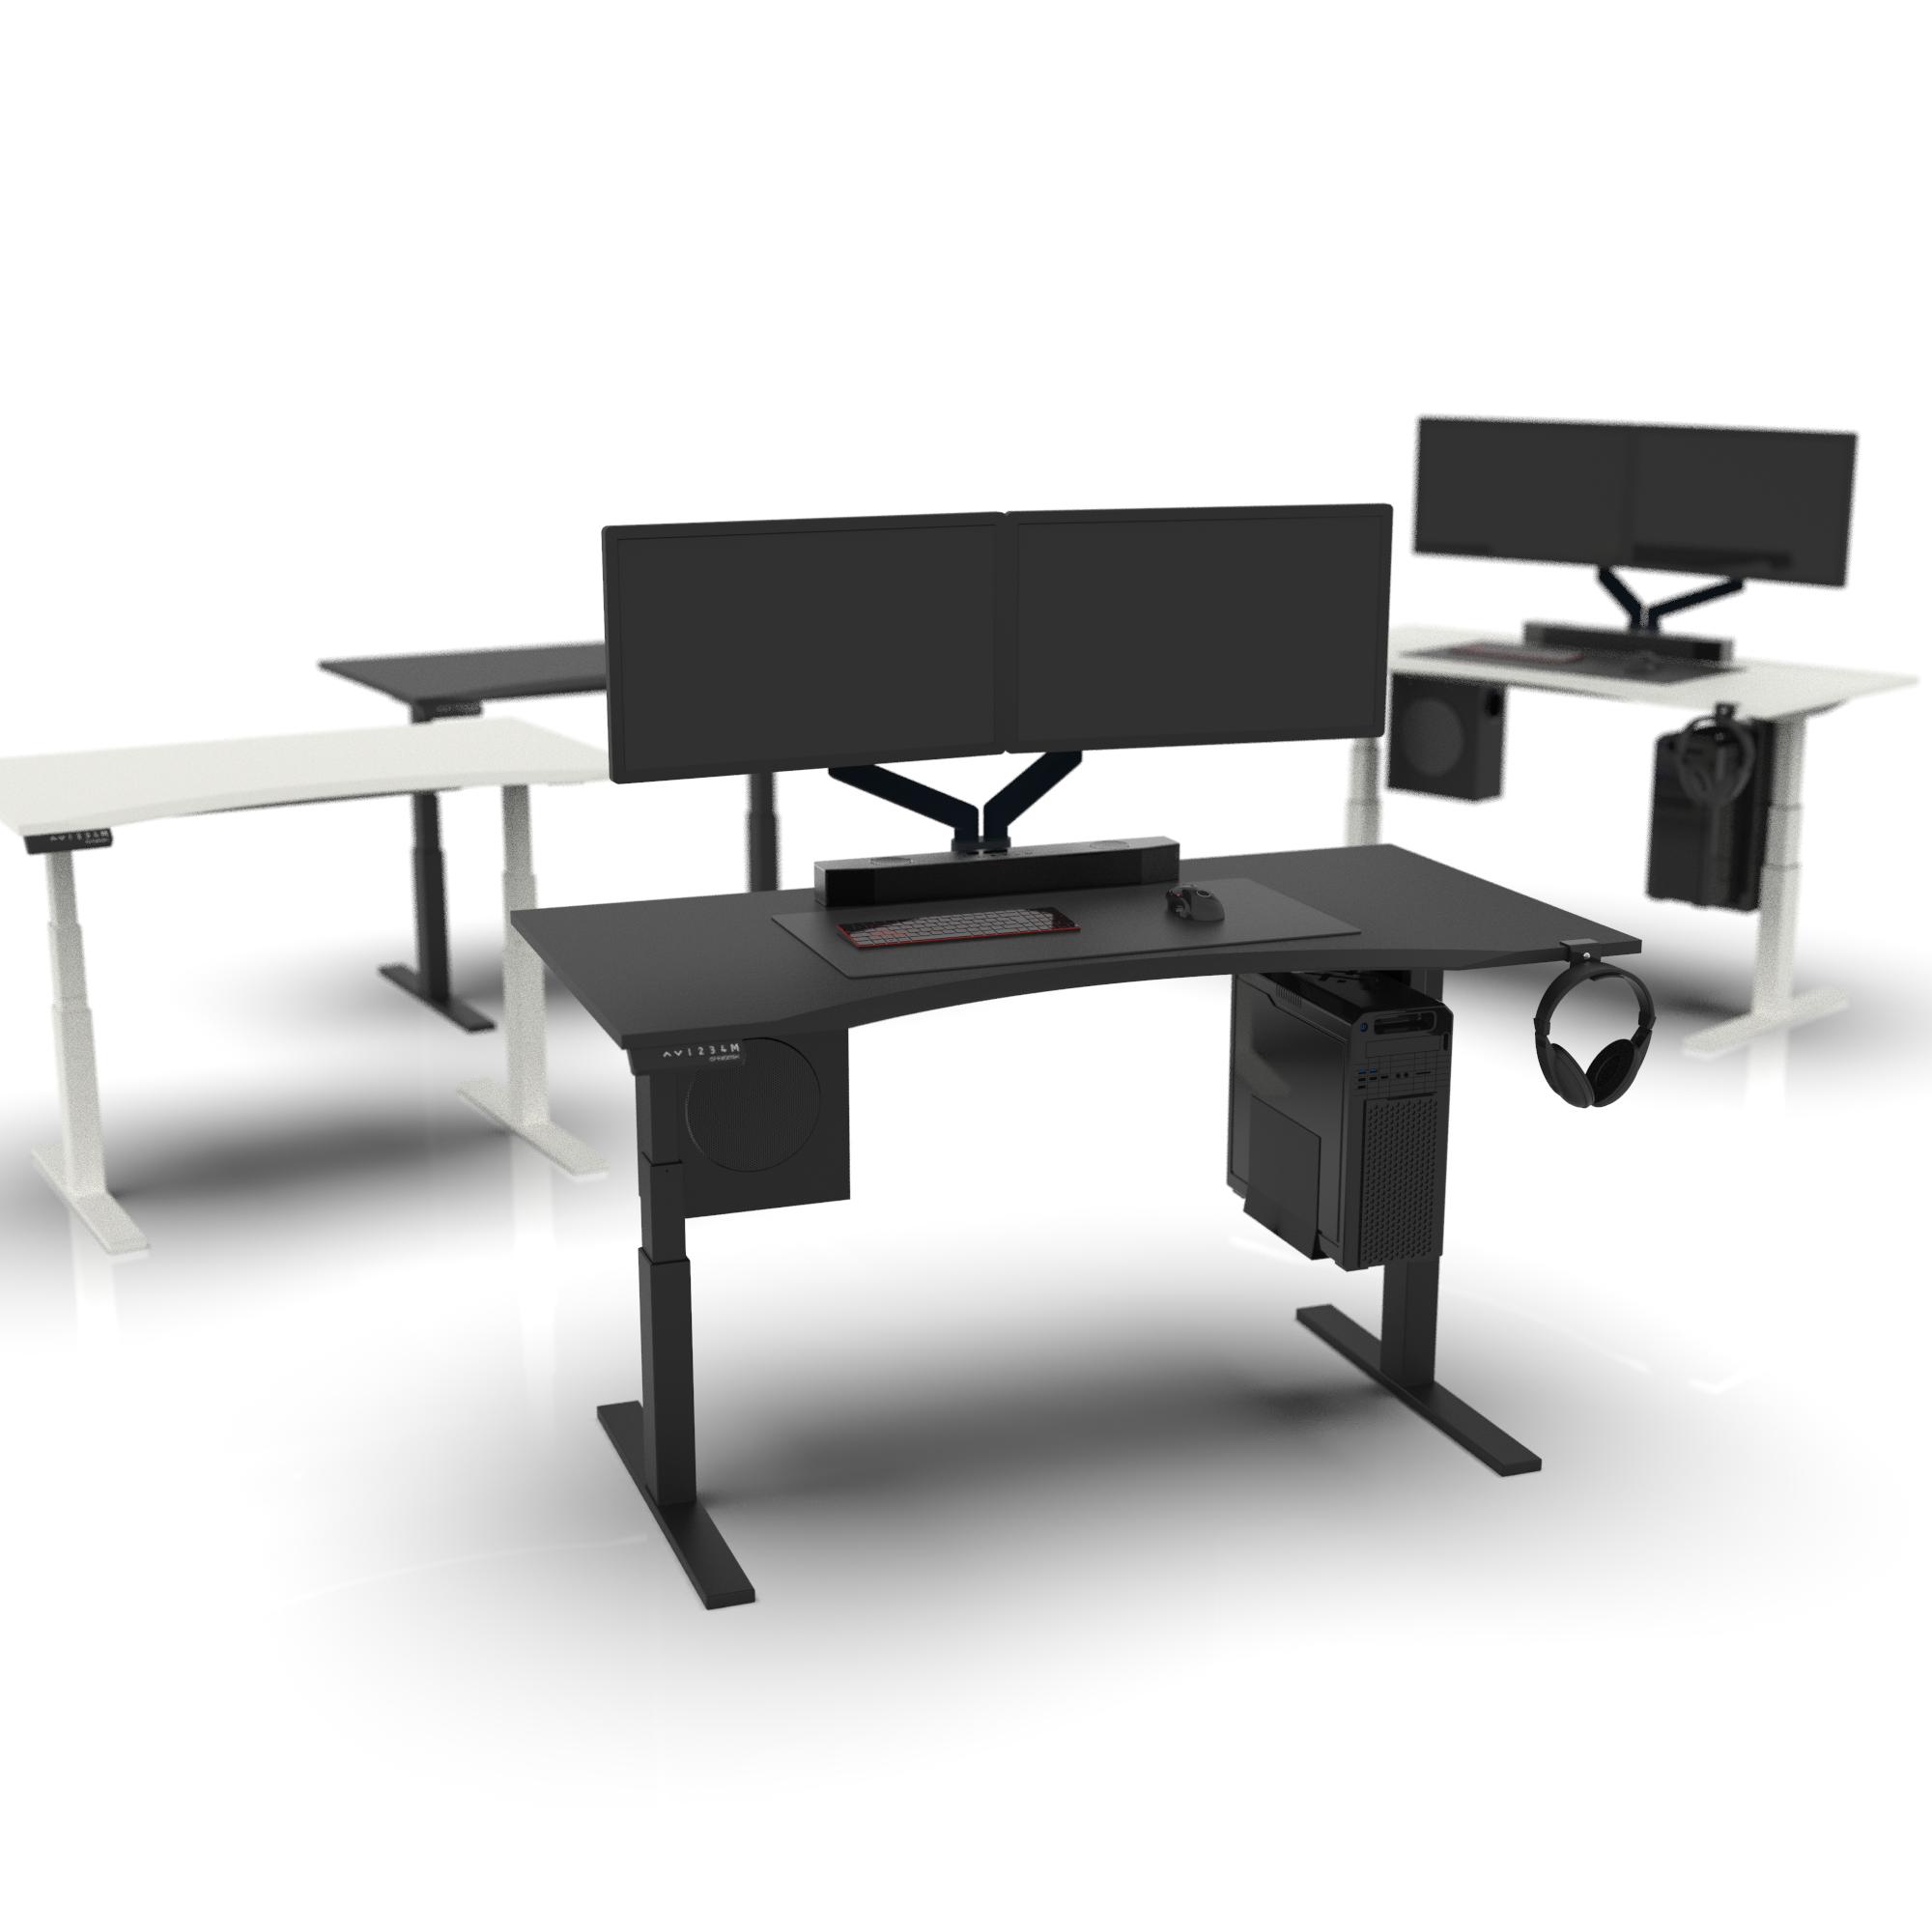 Omnidesk Omnidesk The Ultimate Standing Desk Setup Best Standing Desk Desk Adjustable Height Desk